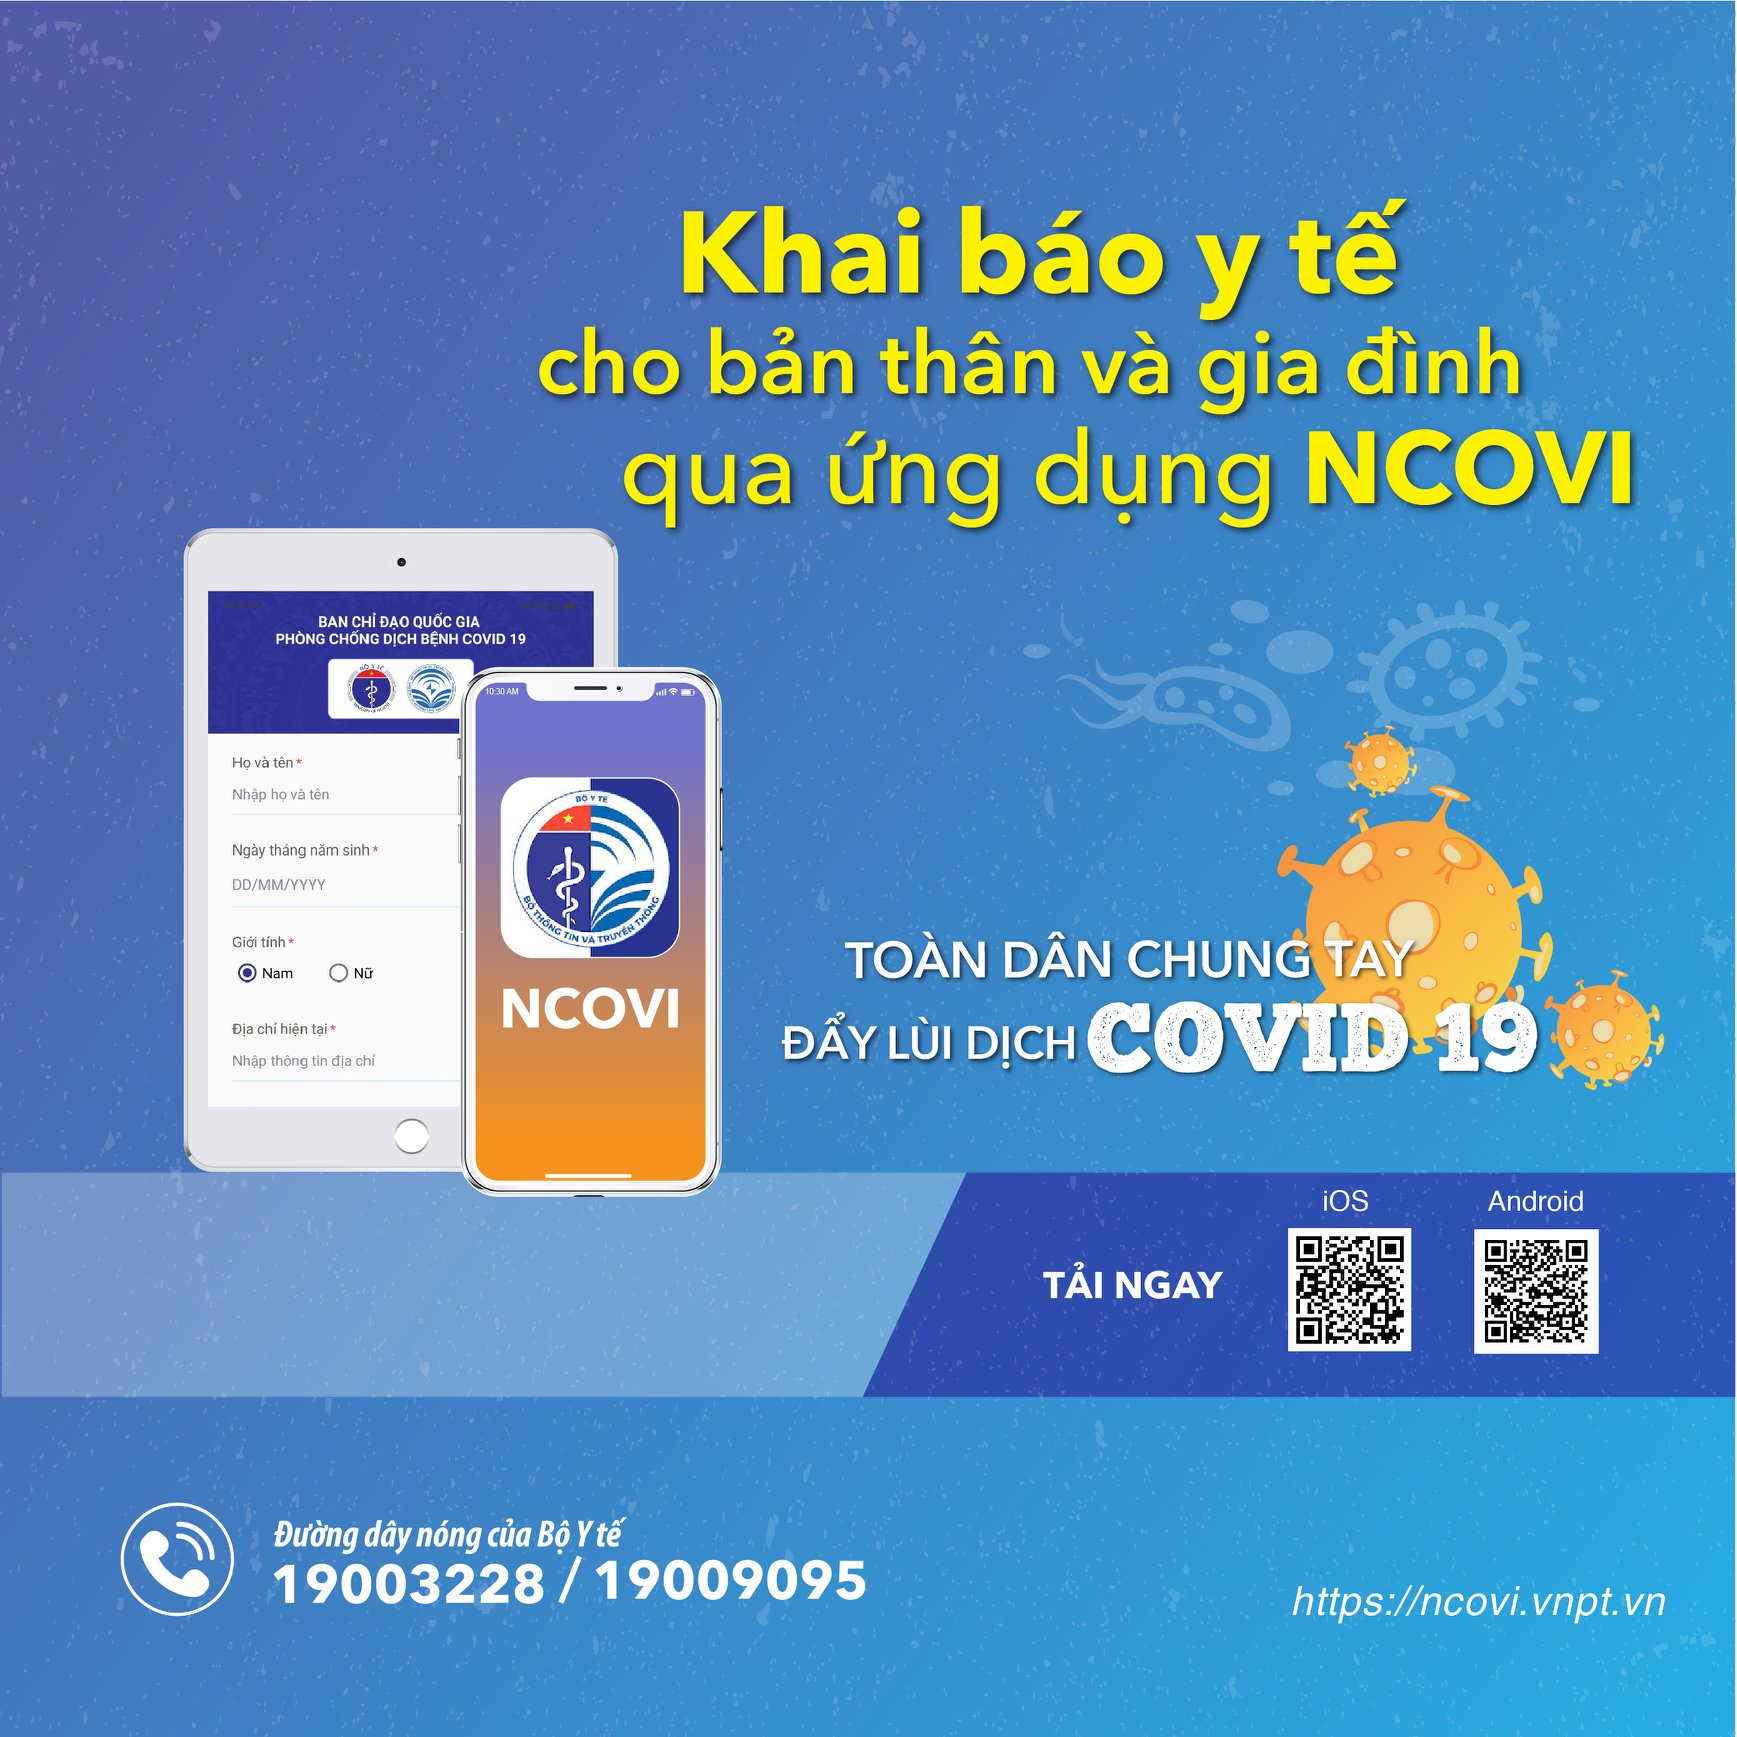 Người dân cần trung thực khi khai báo y tế để góp phần đẩy lùi dịch bệnh COVID-19